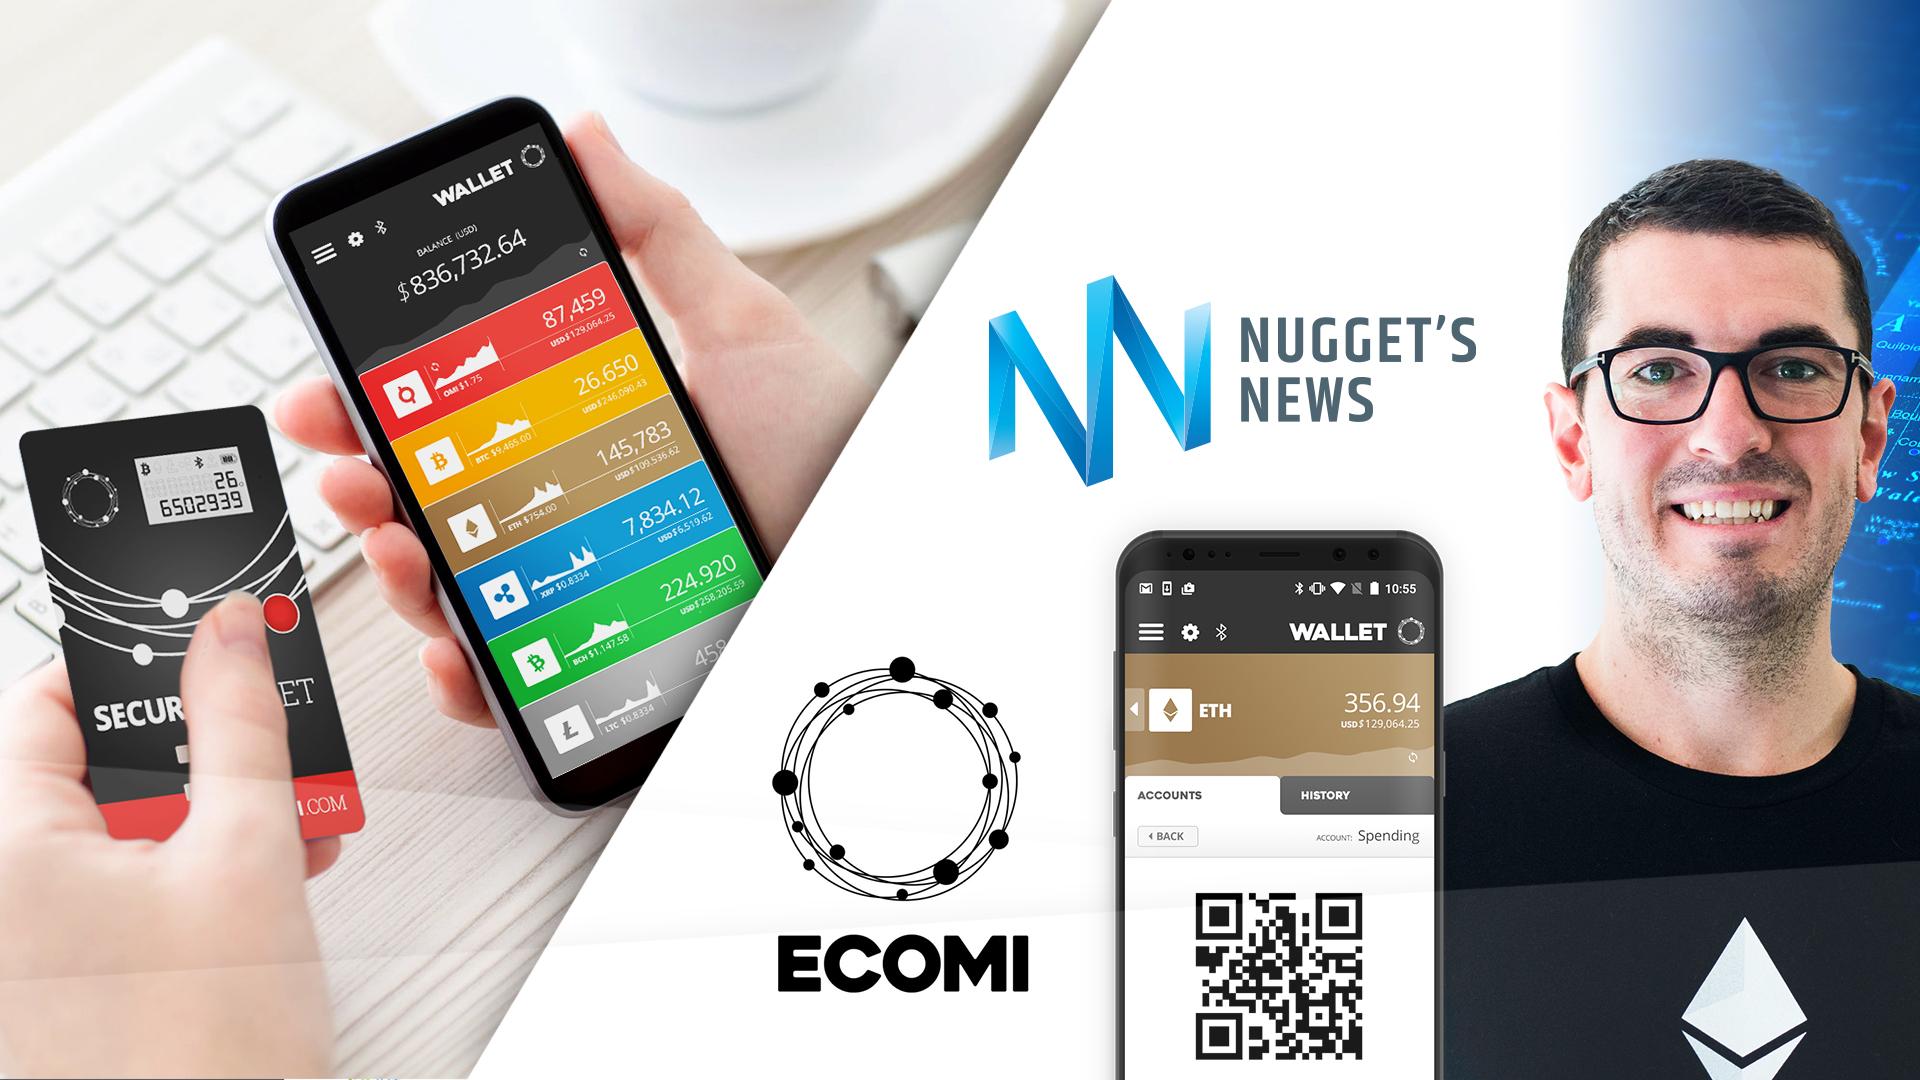 086 Ecomi secure wallet.jpg